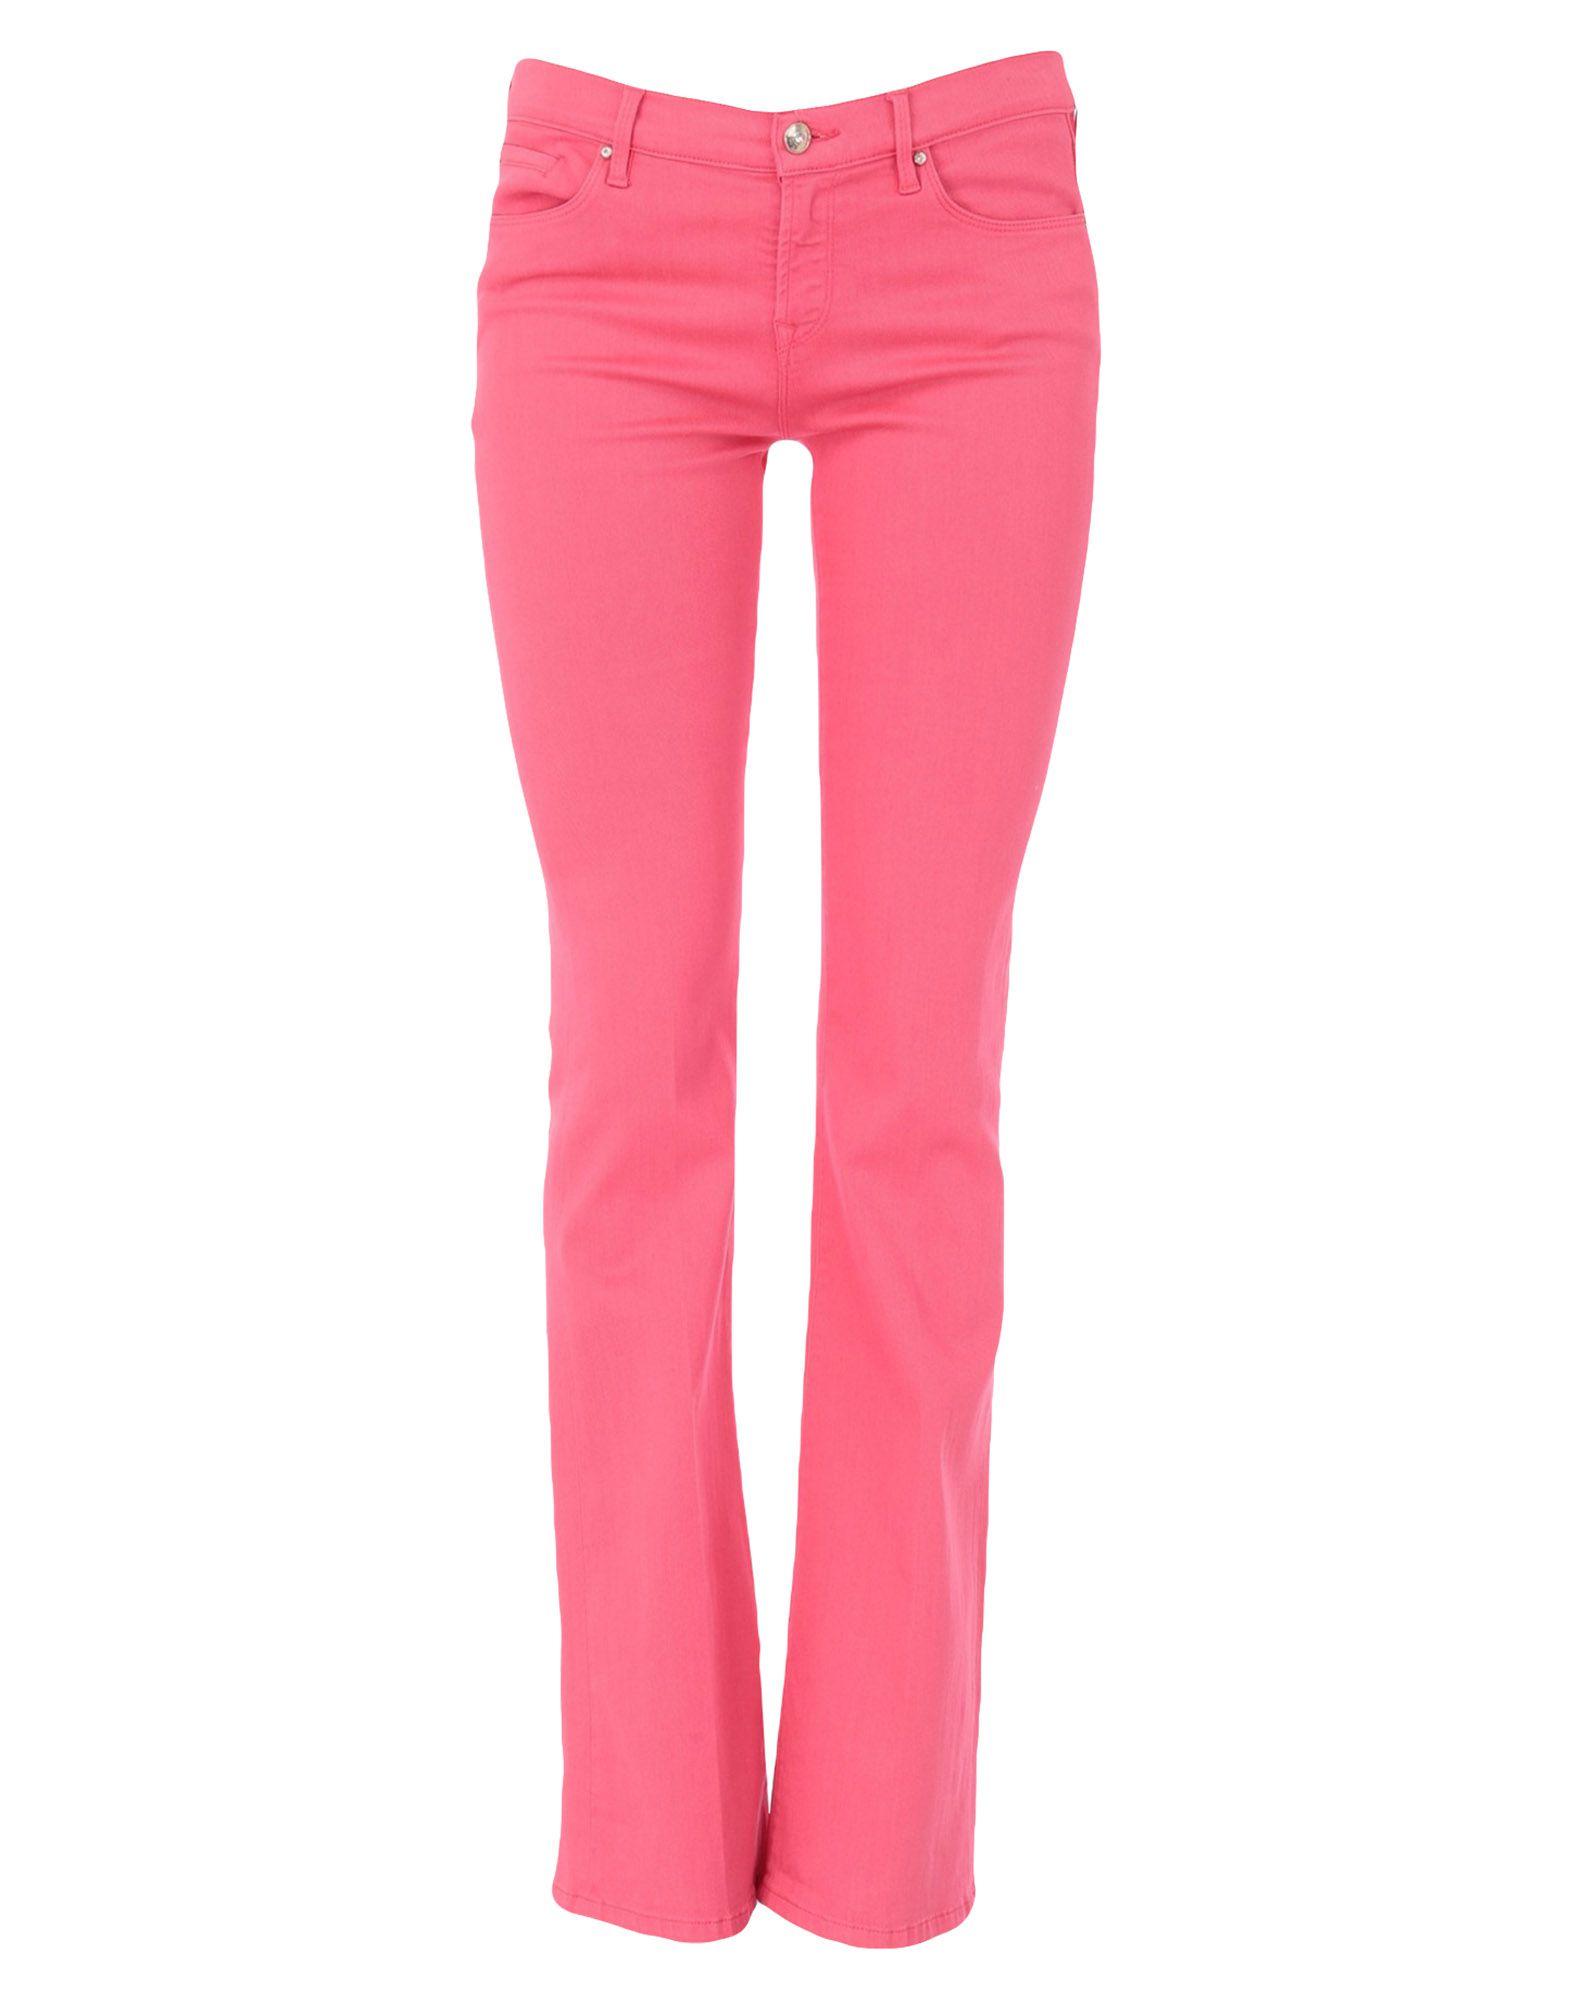 Фото - VDP COLLECTION Джинсовые брюки брюки vdp брюки